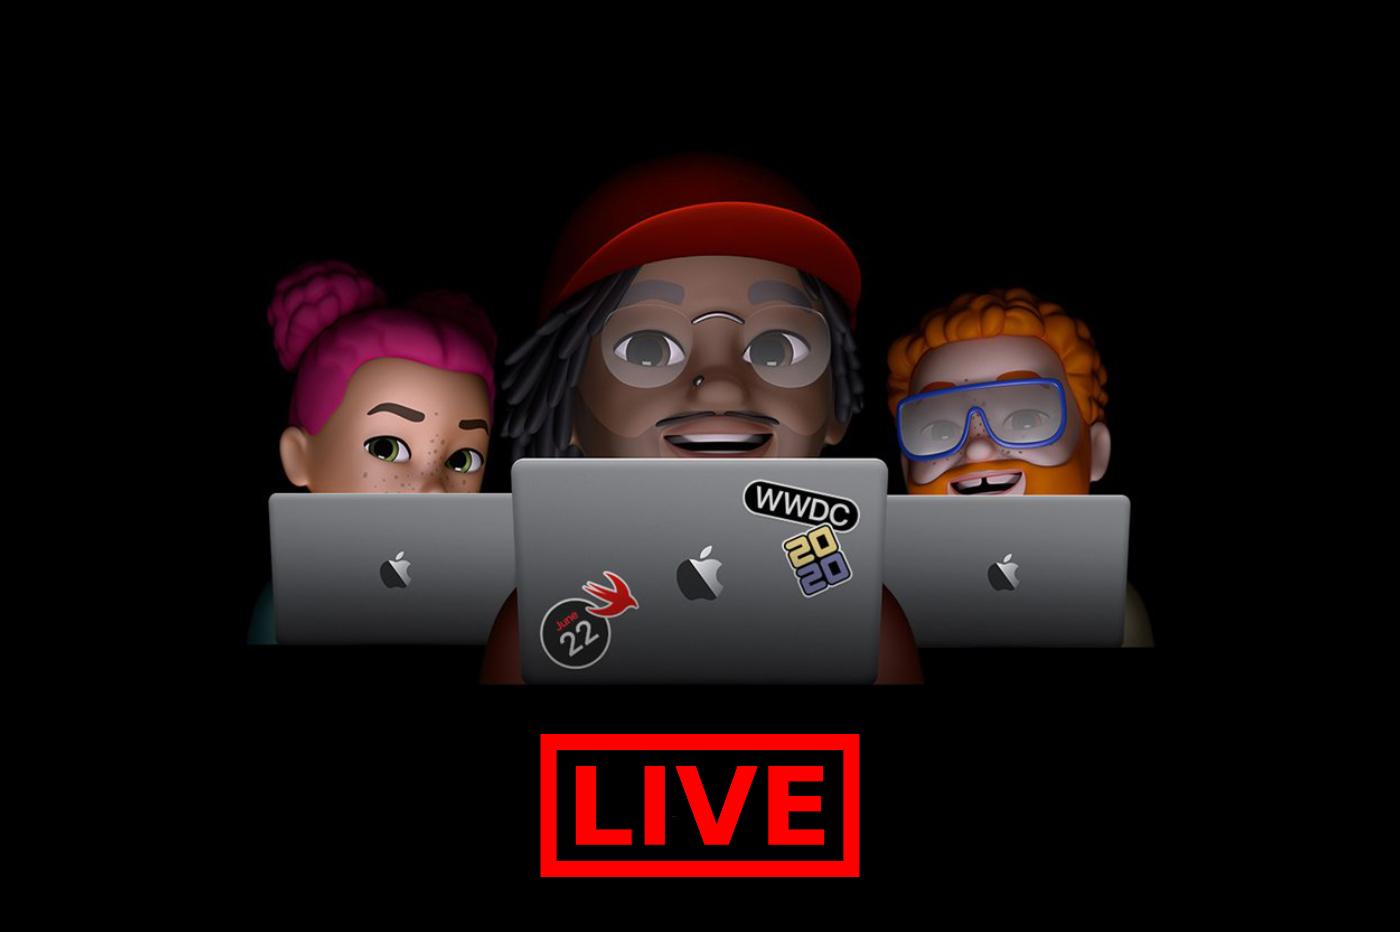 WWDC Live Keynote 2020